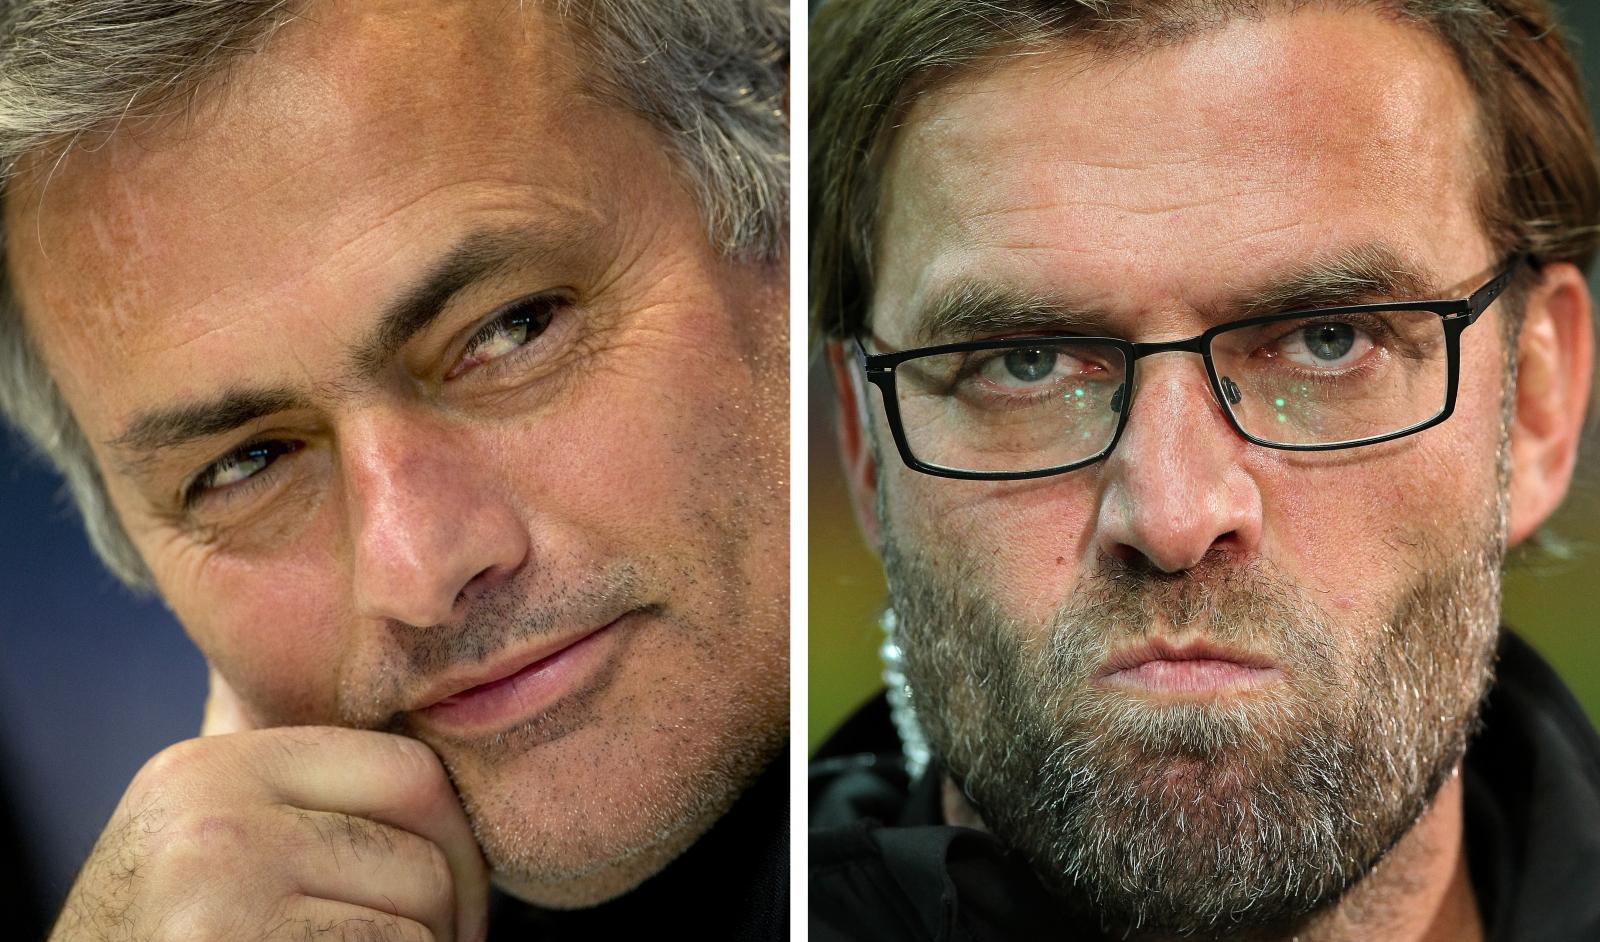 Jose Mourinho vs Jurgen Klopp